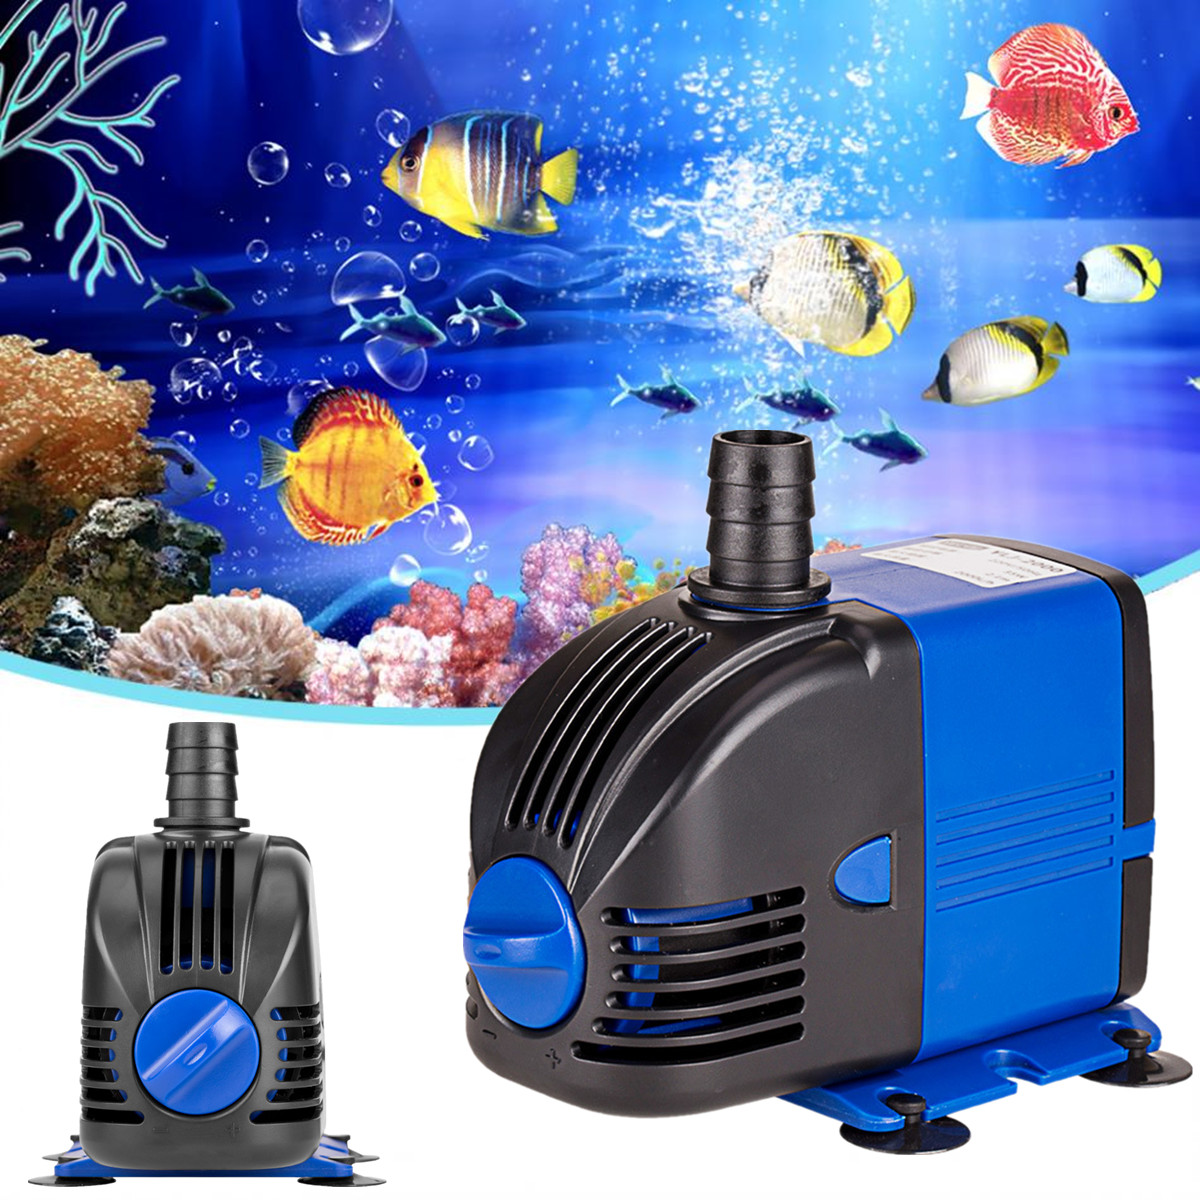 Wasser Pumpe Aquarium AC220-240V 50Hz 3-60 W Tauch Aquarium Powerhead Brunnen Hydrokultur UNS Stecker Teiche Aquarien einstellen